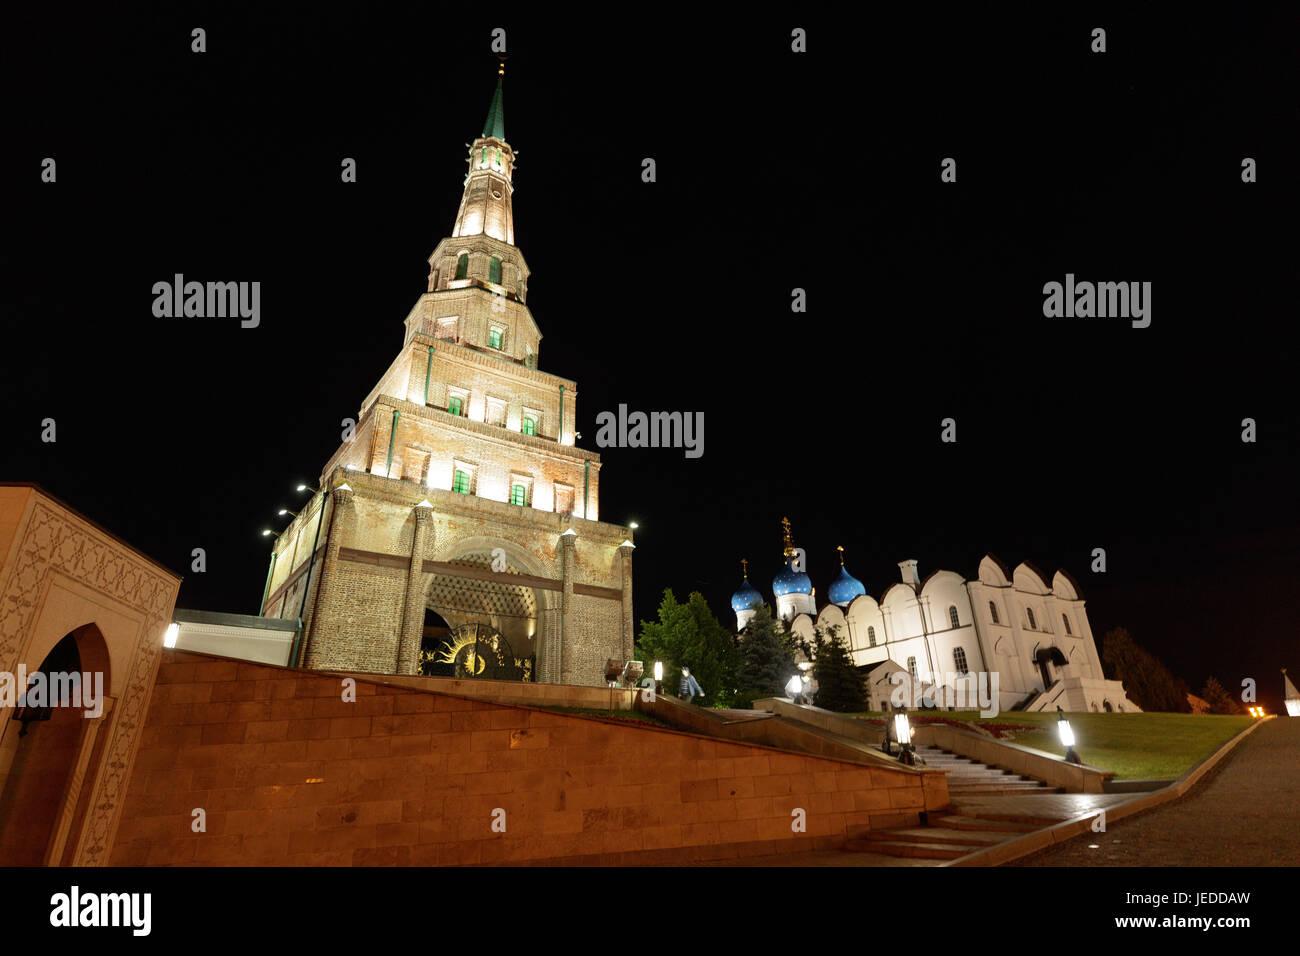 KASAN, RT - 24.06.2017: Allgemeine Bilder KAZAN 2017 - der Kasaner Kreml wurde 2000 von der UNESCO zum Weltkulturerbe Stockbild